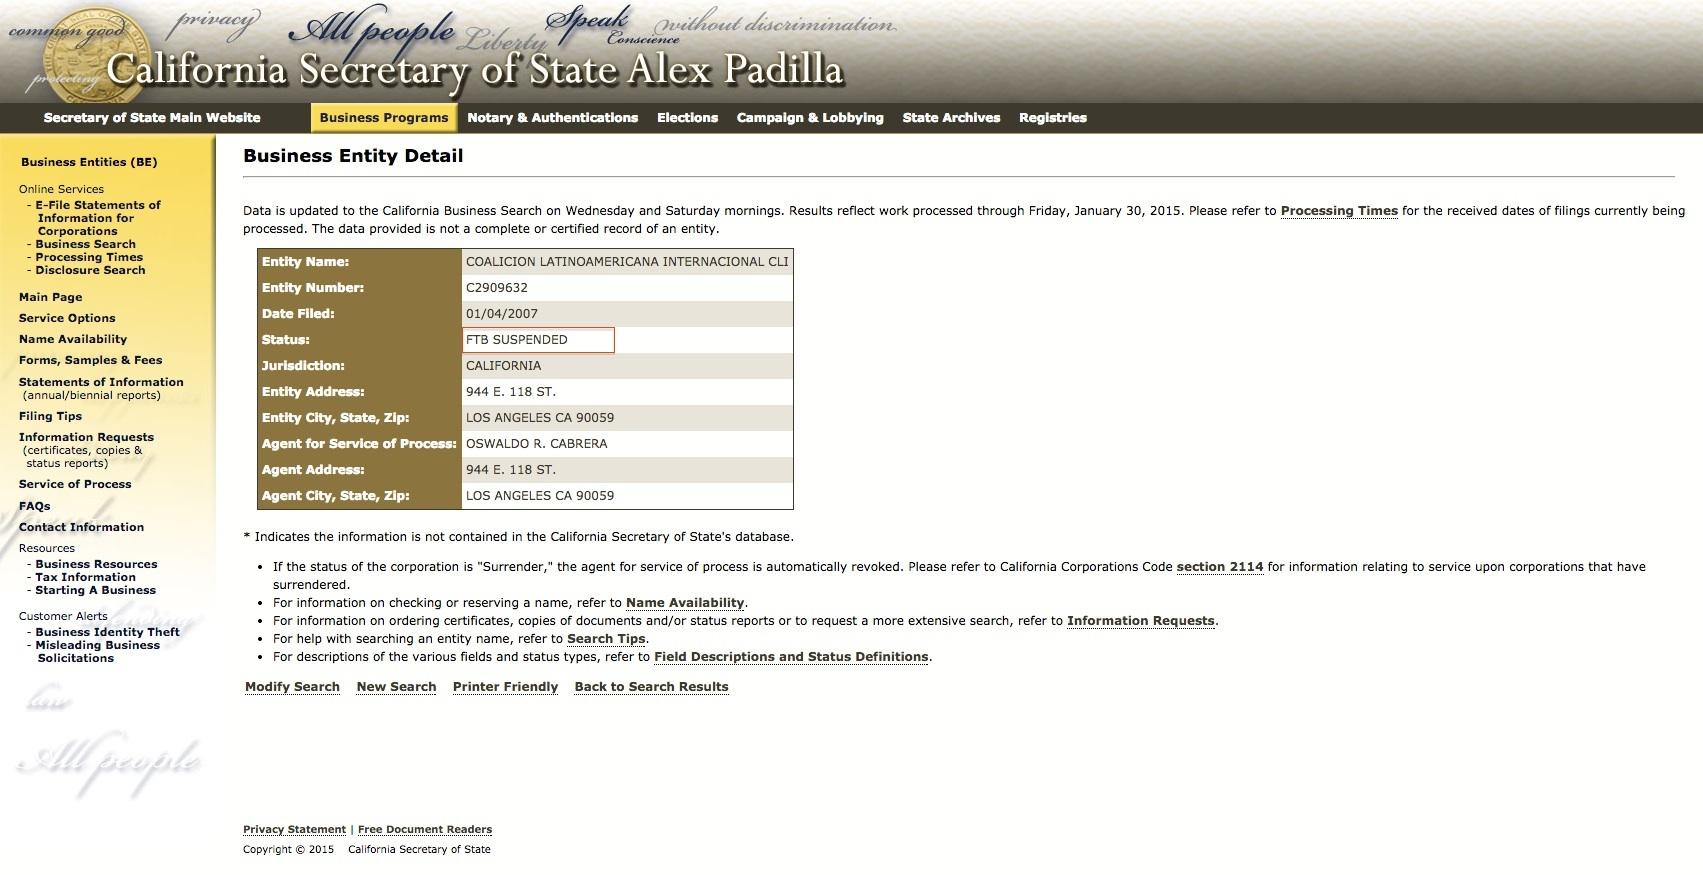 Esta página de la Secretaría de Estado de California le suspendió el permiso de para funcionar a la Coalición Latinoamericana Internacional hace 8 años.